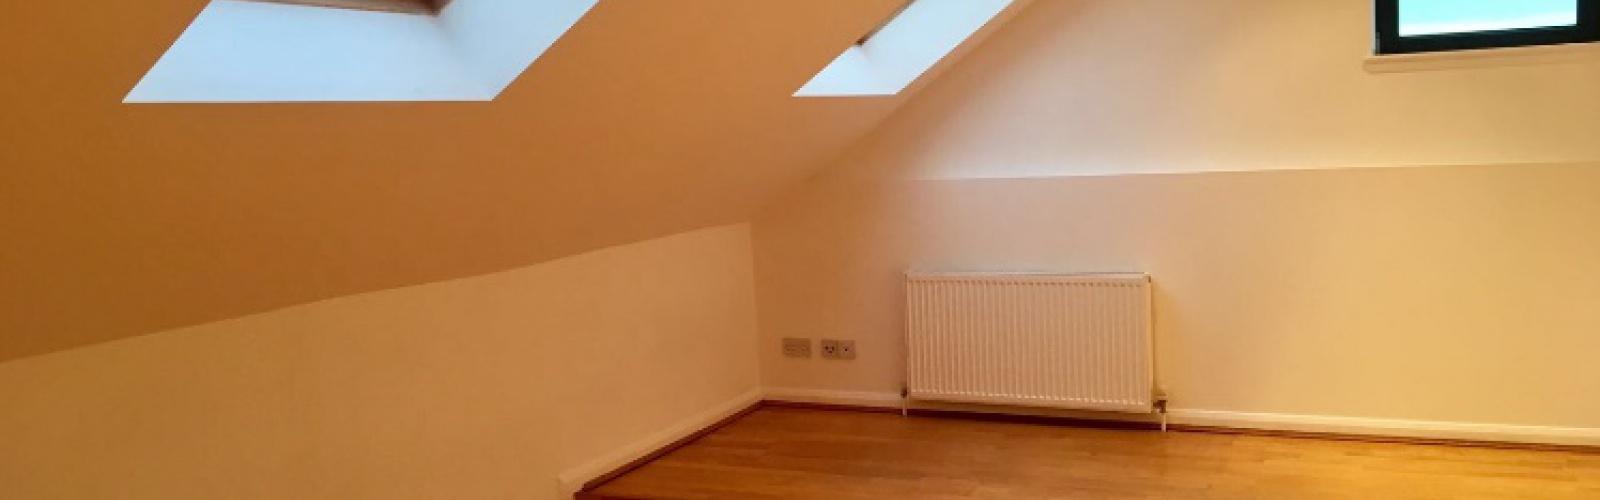 Papermill Wynd,Edinburgh,EH7,2 Bedrooms Bedrooms,1 BathroomBathrooms,Flat,Papermill Wynd,Papermill Wynd,1003